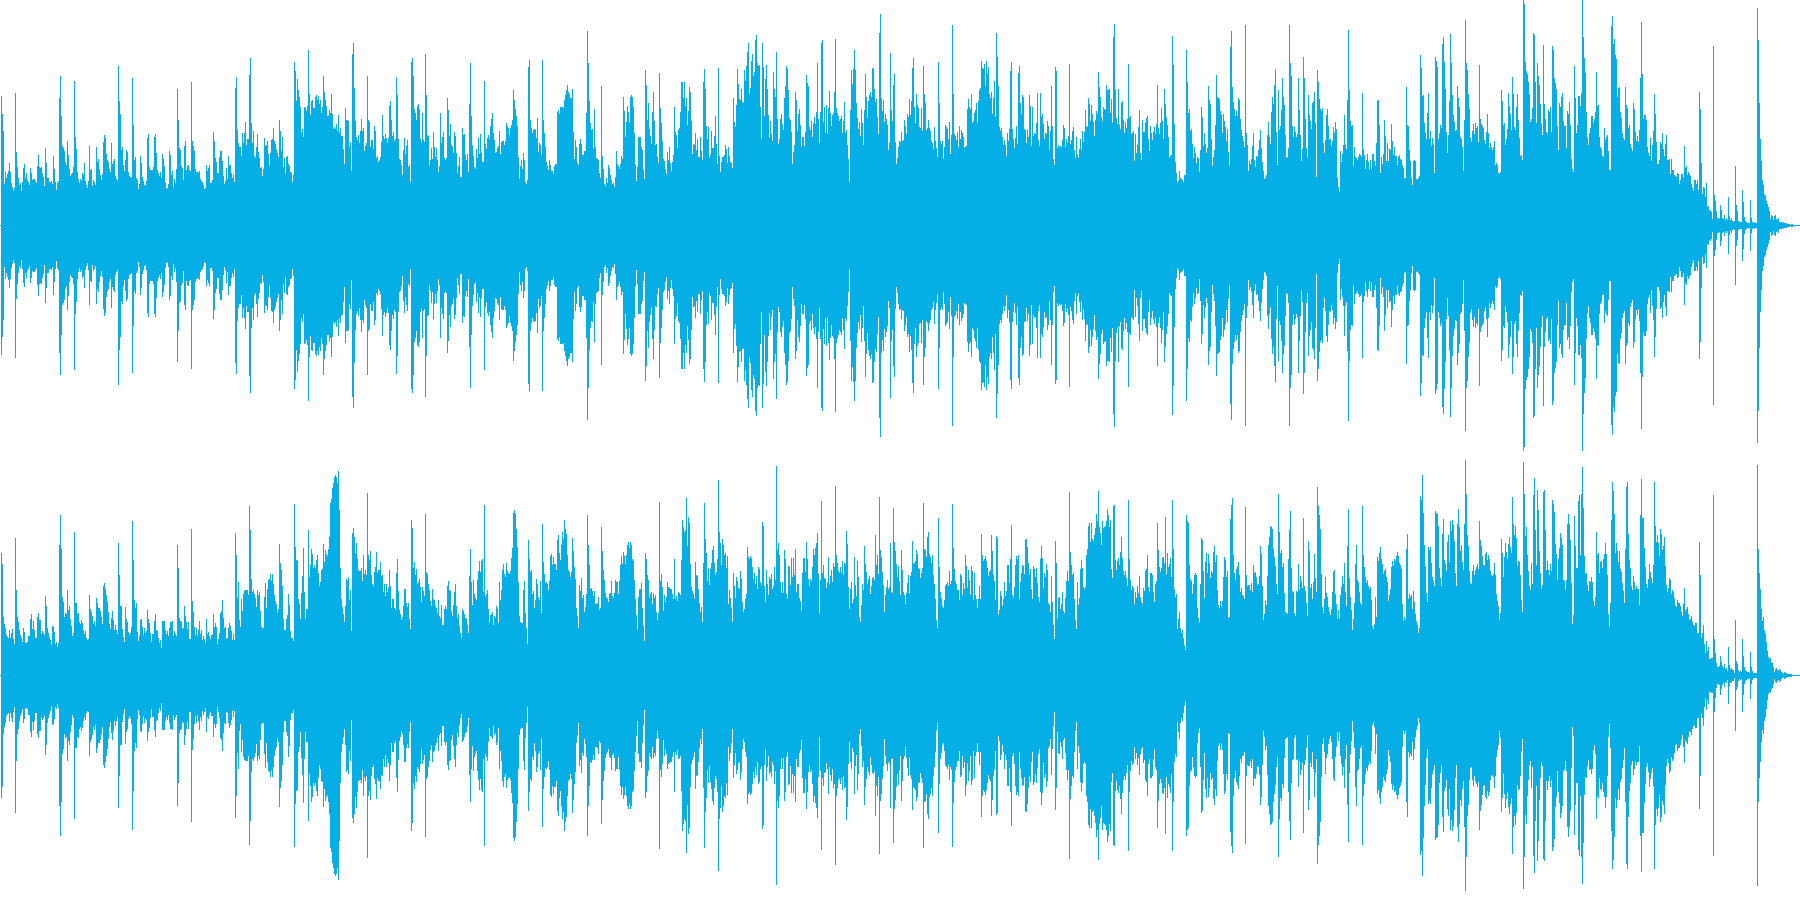 ファンタジー感のある神秘的な森林の曲の再生済みの波形